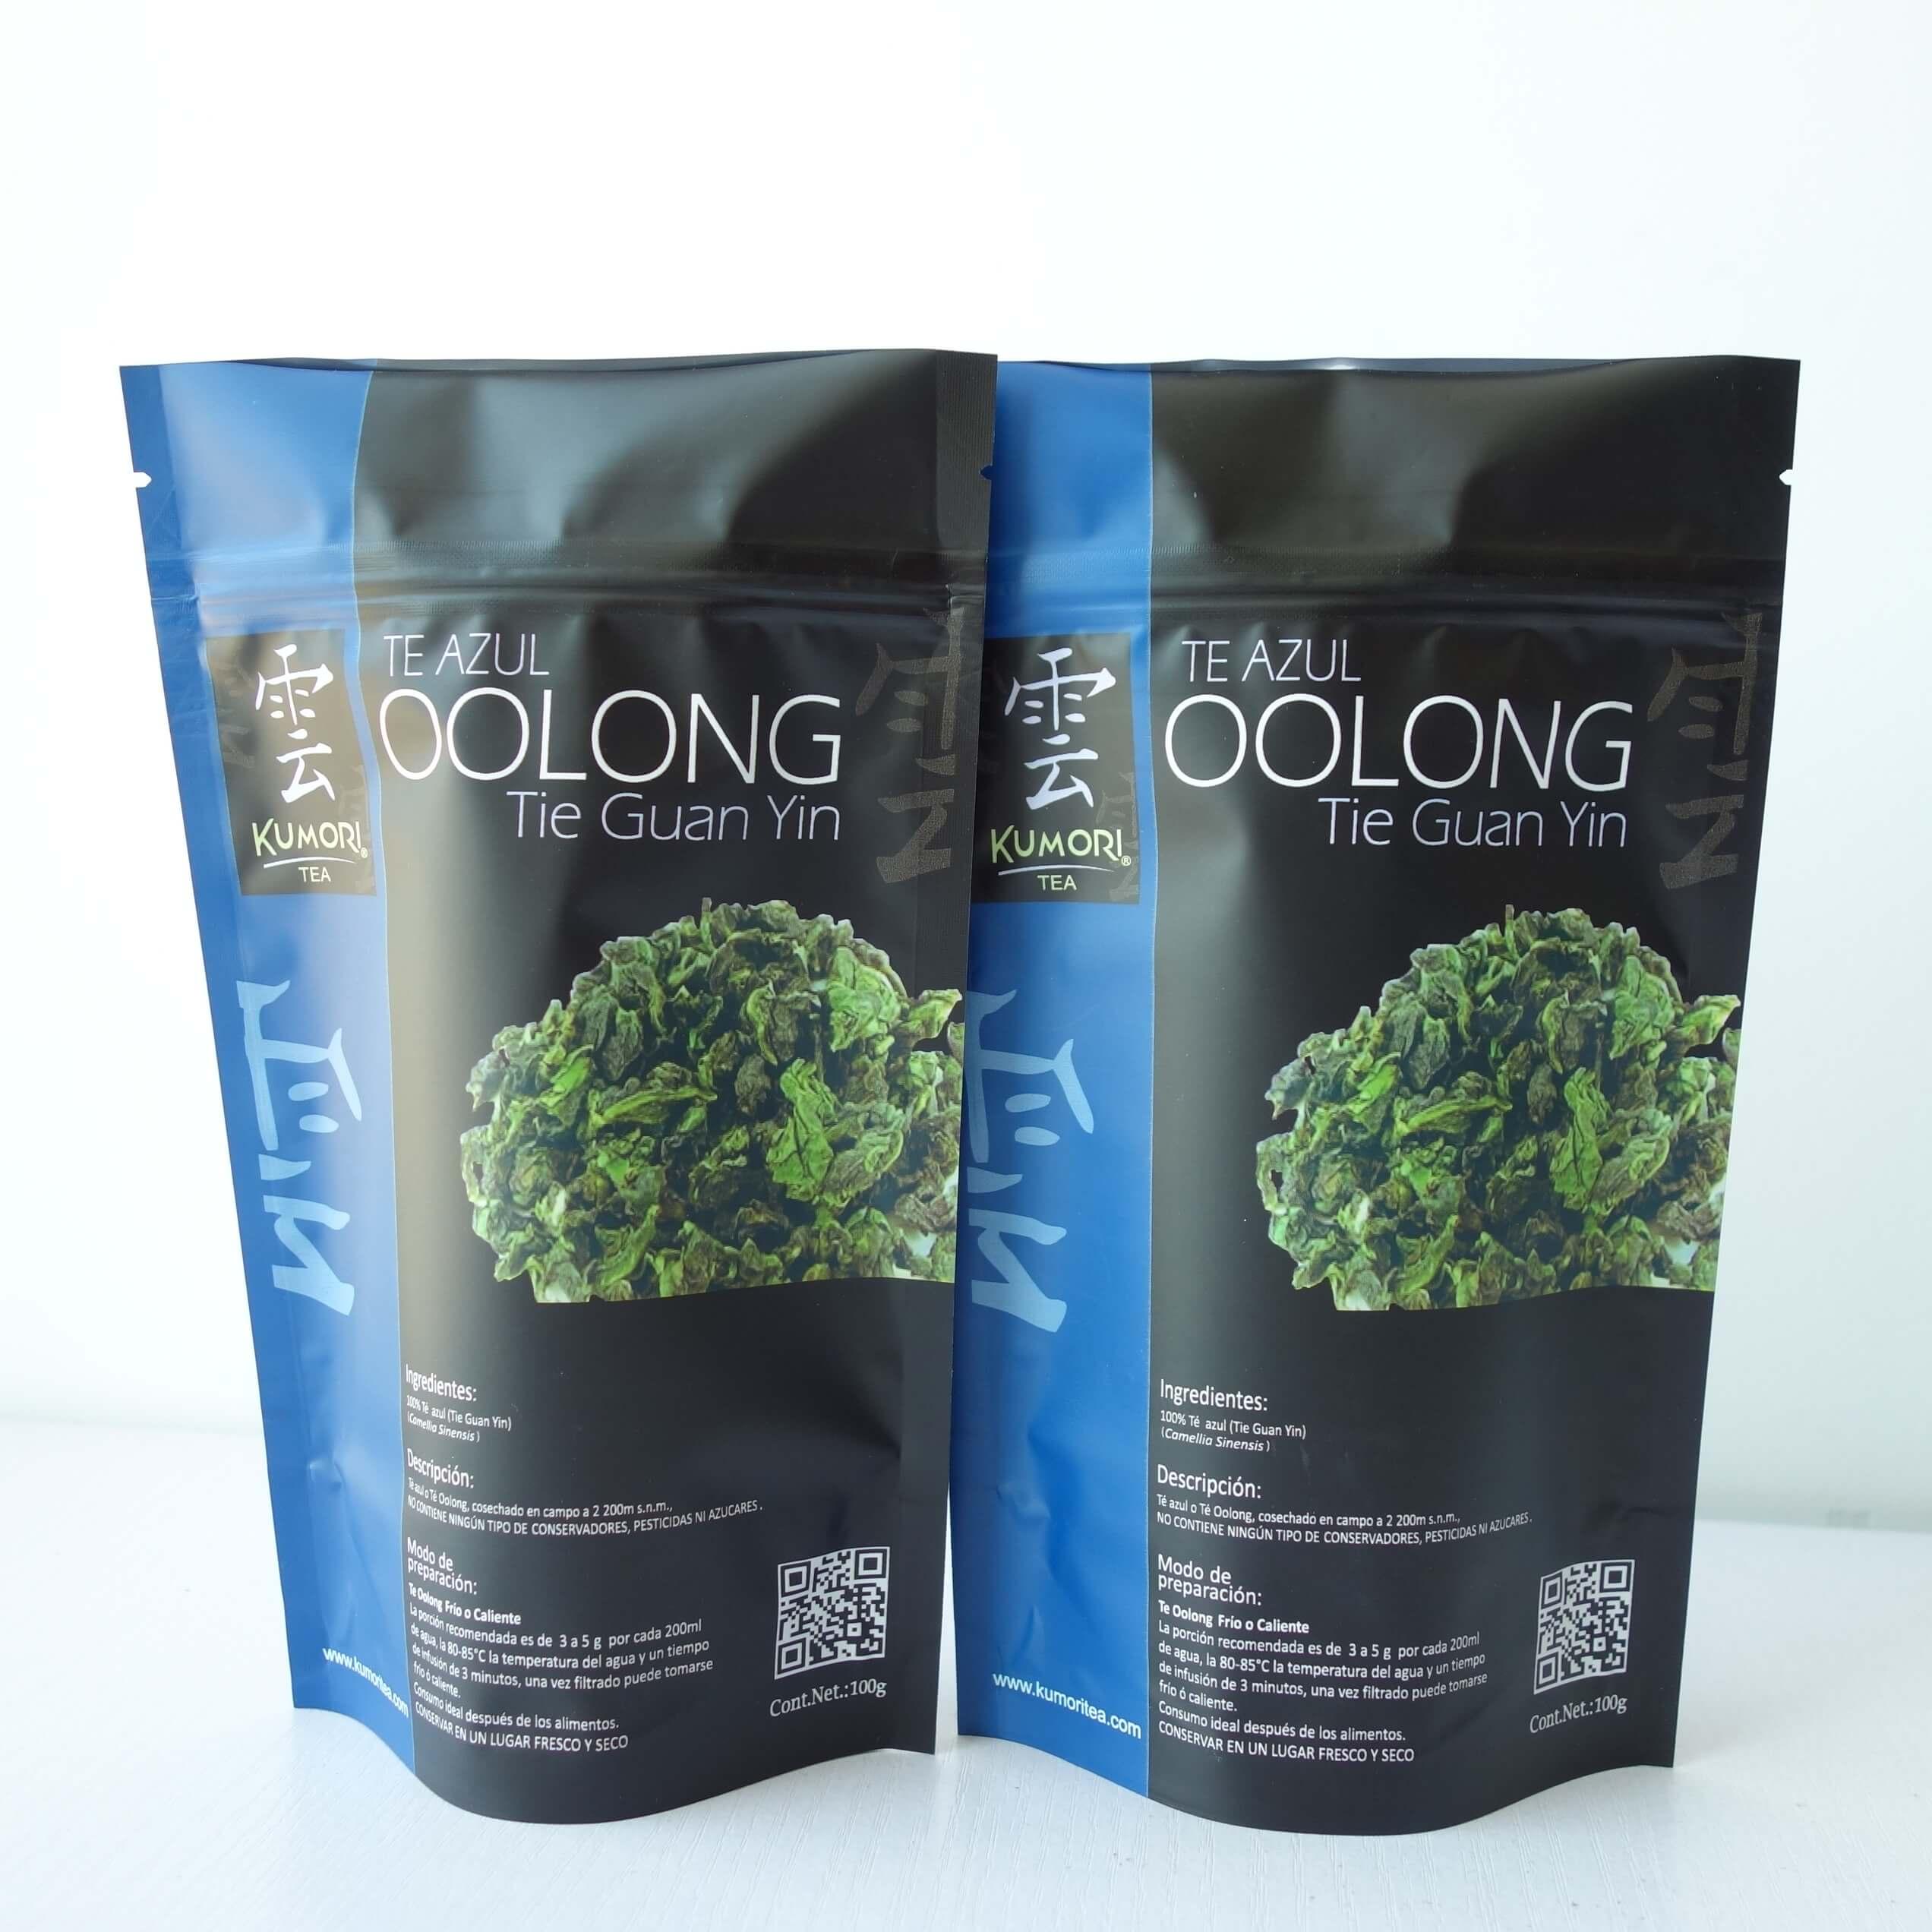 Loose Leaf Tea Packaging